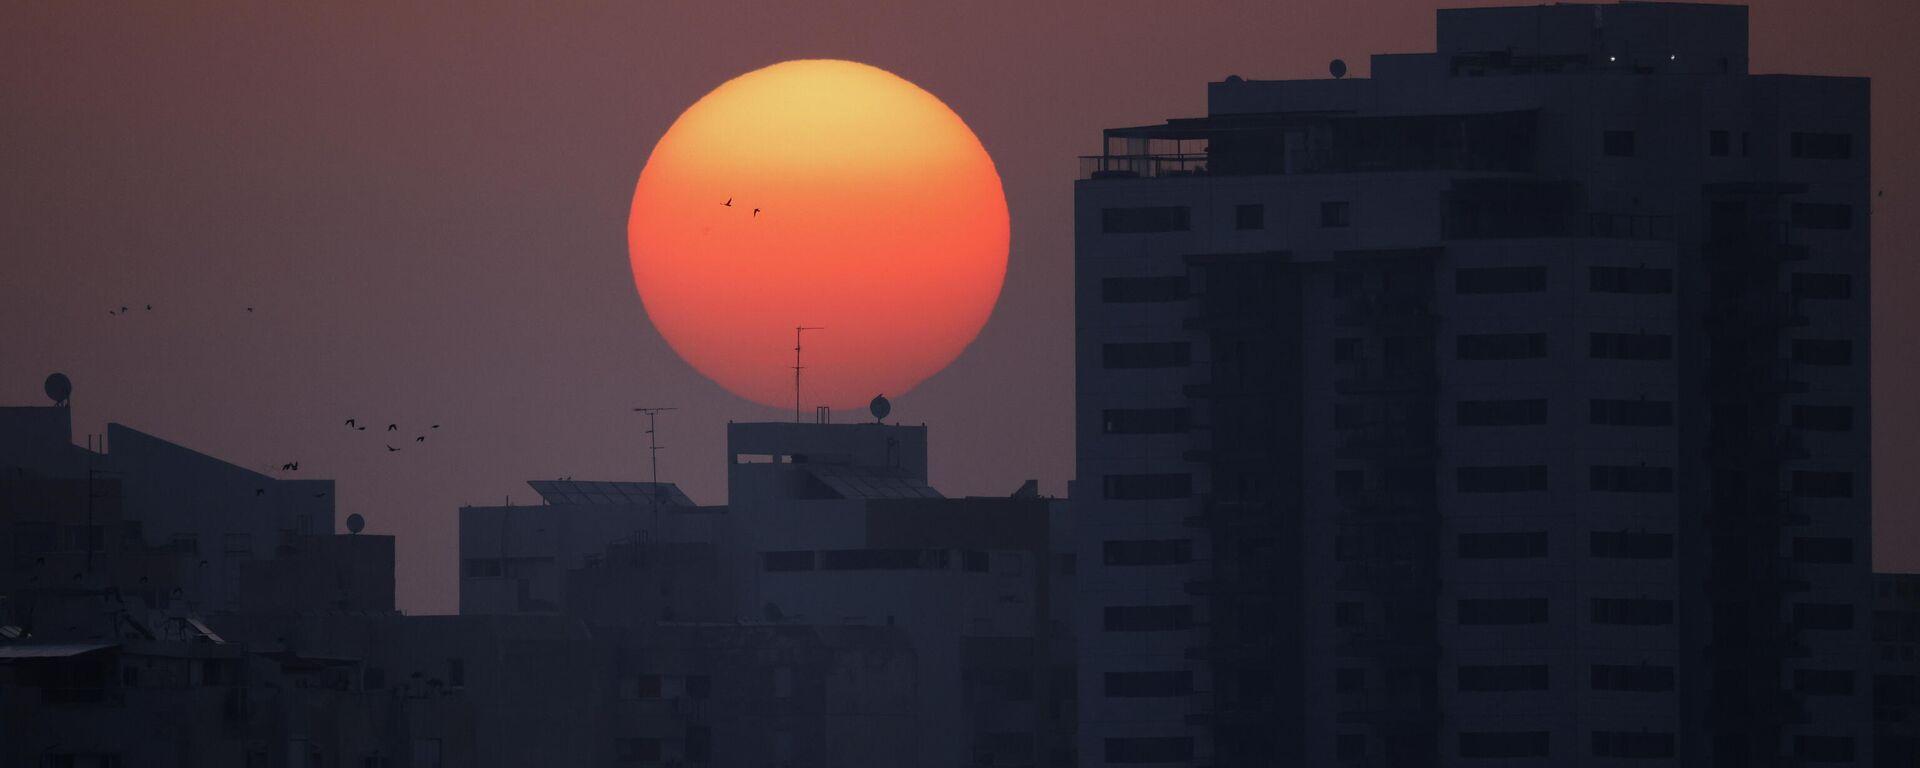 El amanecer en la frontera entre Israel y Franja de Gaza - Sputnik Mundo, 1920, 11.05.2021